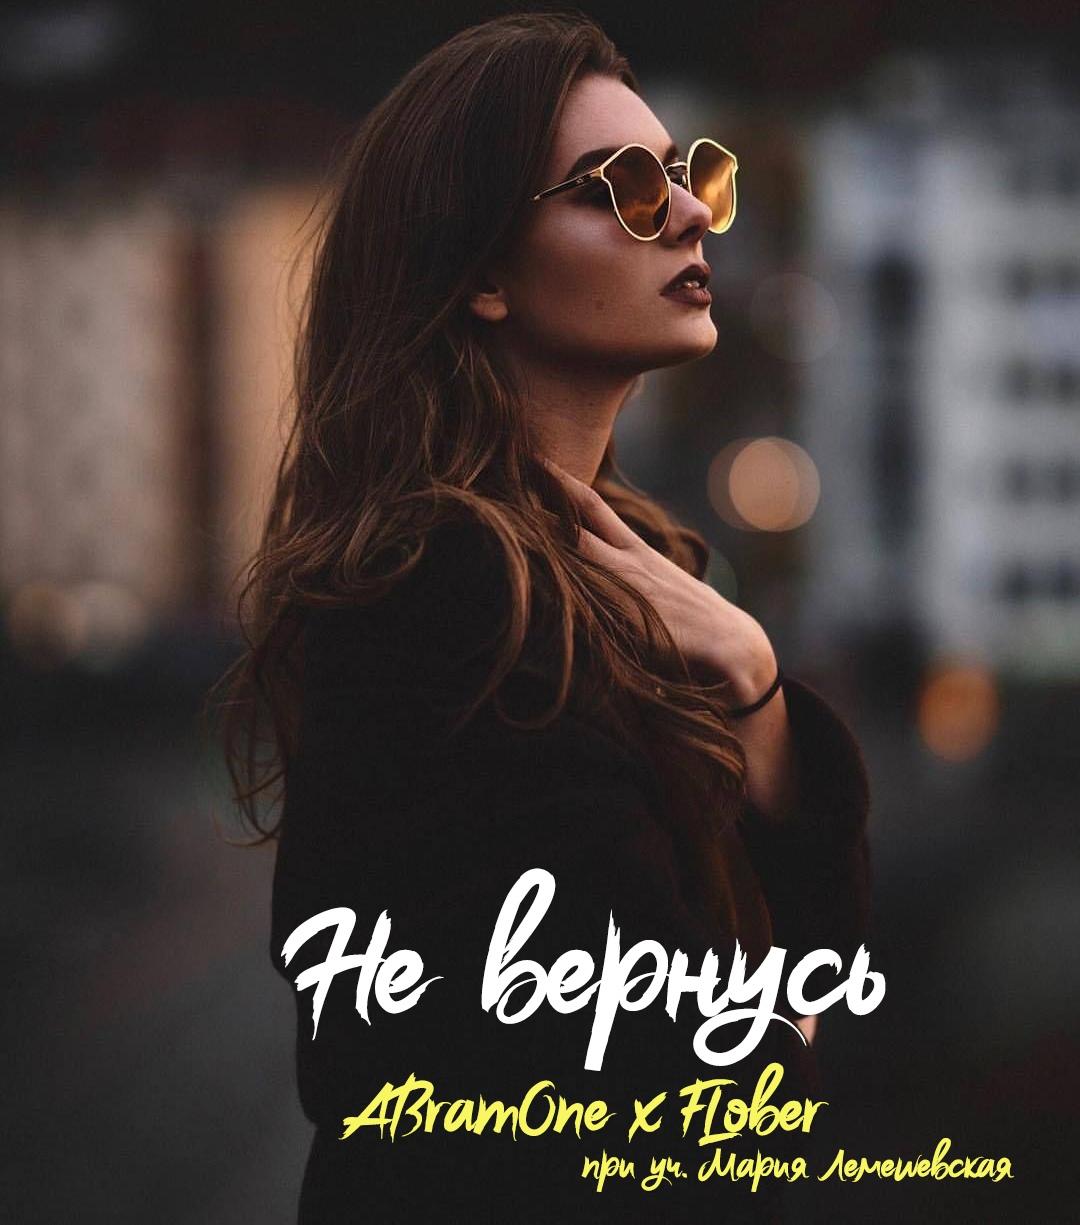 AbramOne x FLober при уч. Мария Лемешевская - Не вернусь